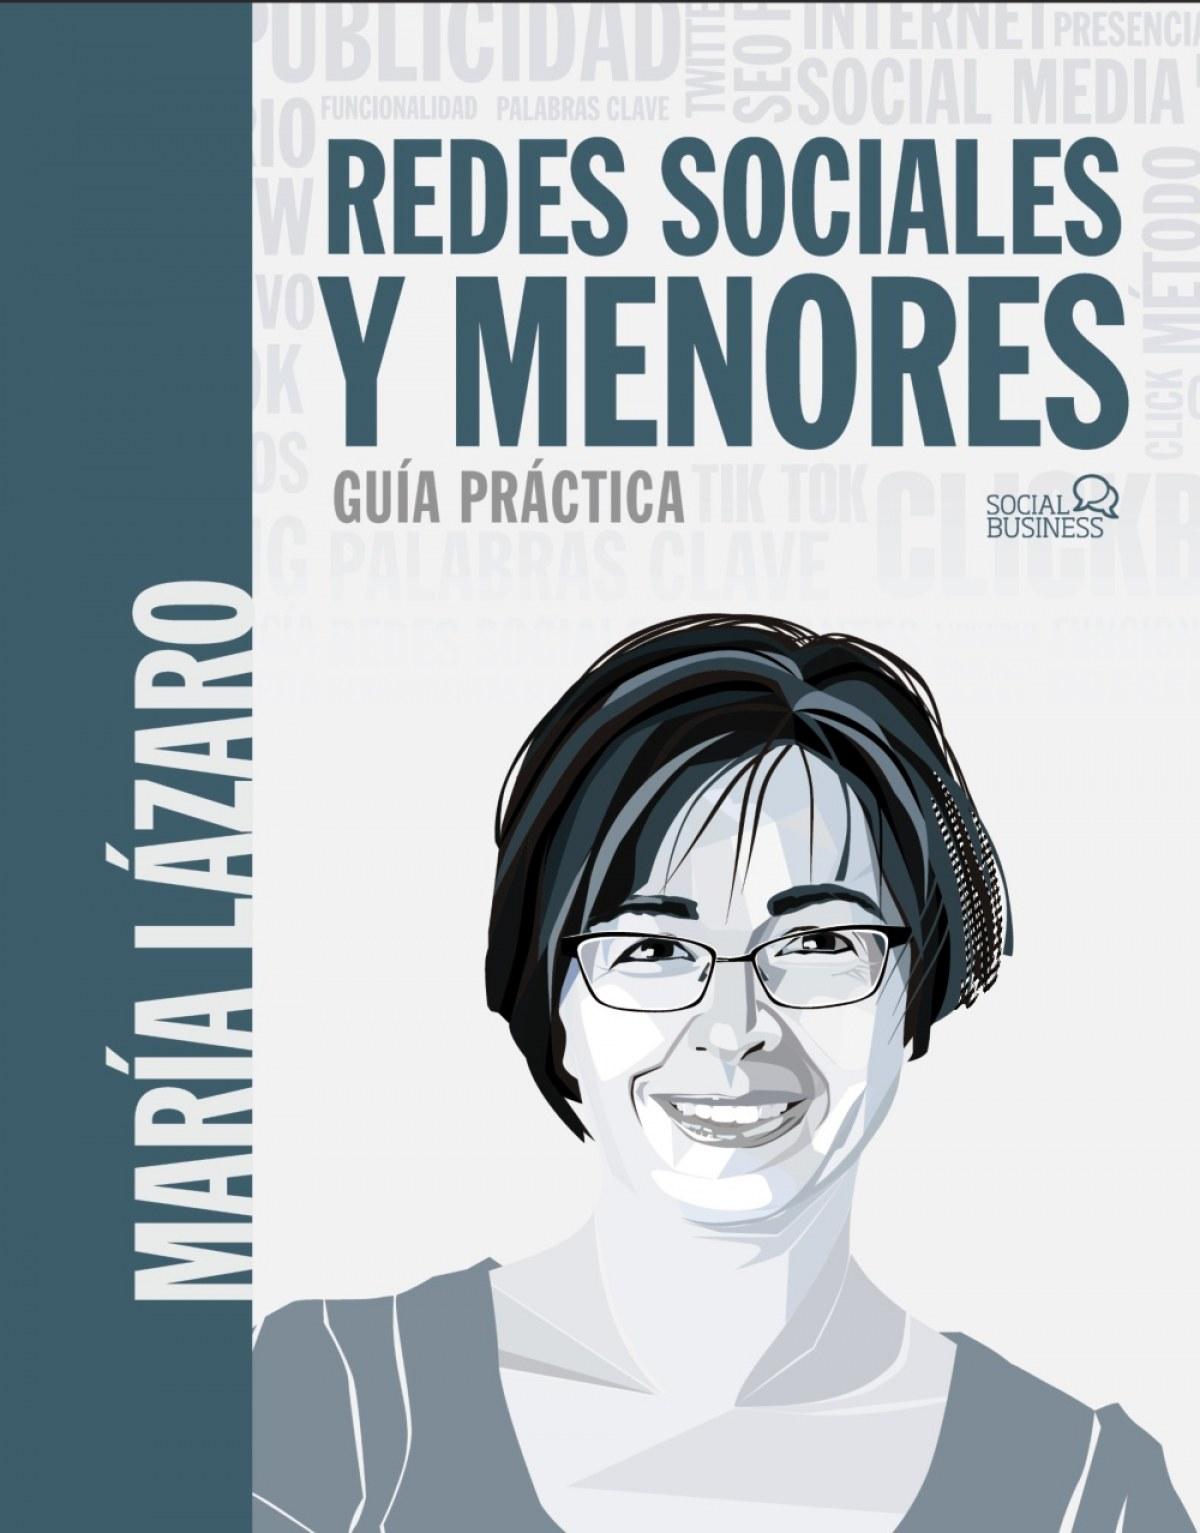 Redes sociales y menores. Guía práctica